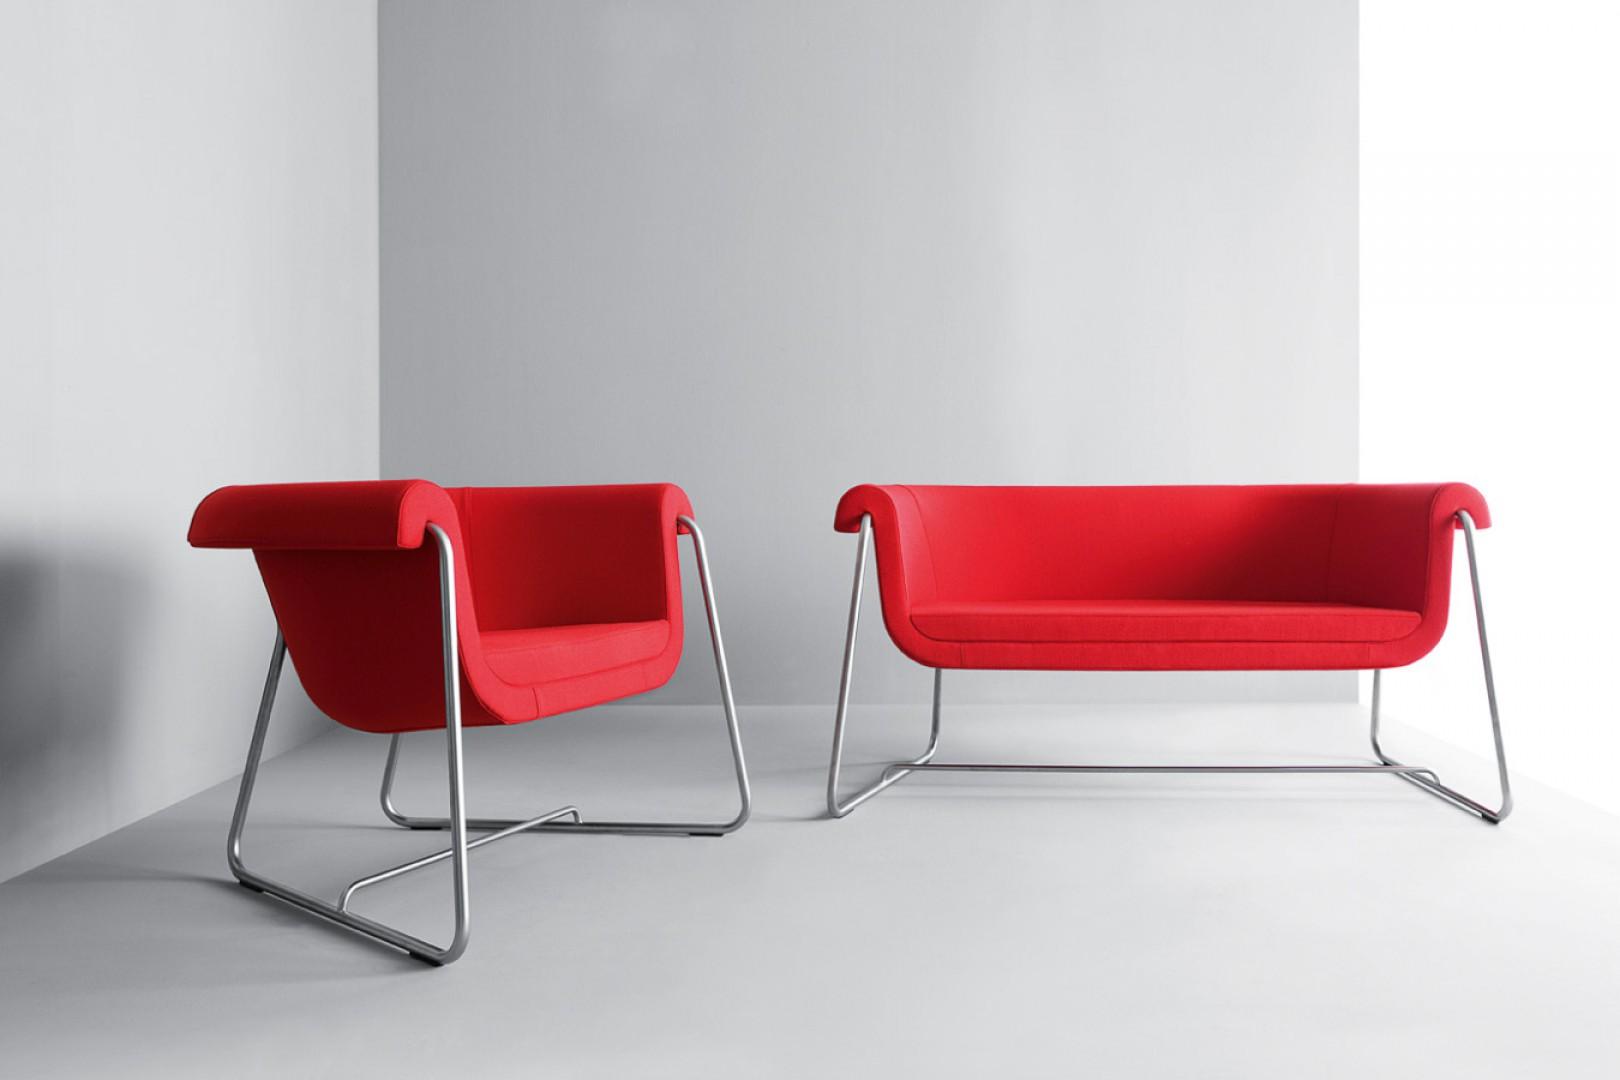 Sofa i fotel z kolekcji Hover firmy Profim. Projekt: Tomek Rygalik. Fot. Profim